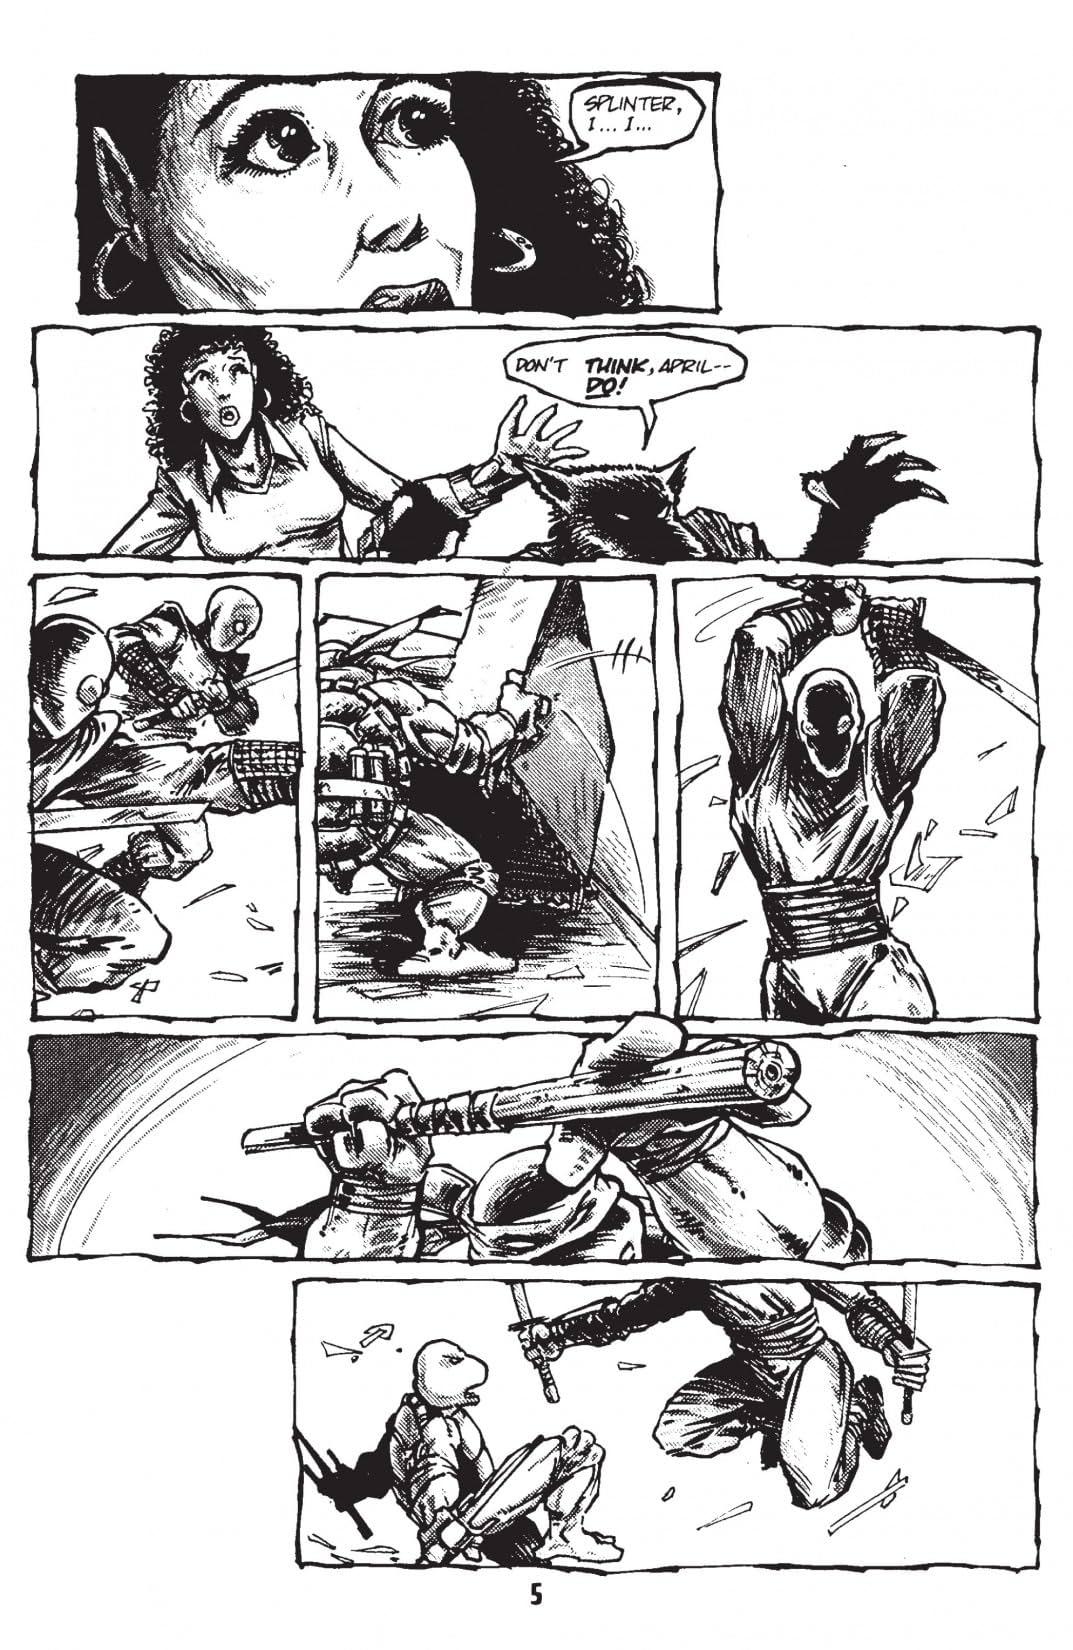 Teenage Mutant Ninja Turtles: Black & White Classics Vol. 4